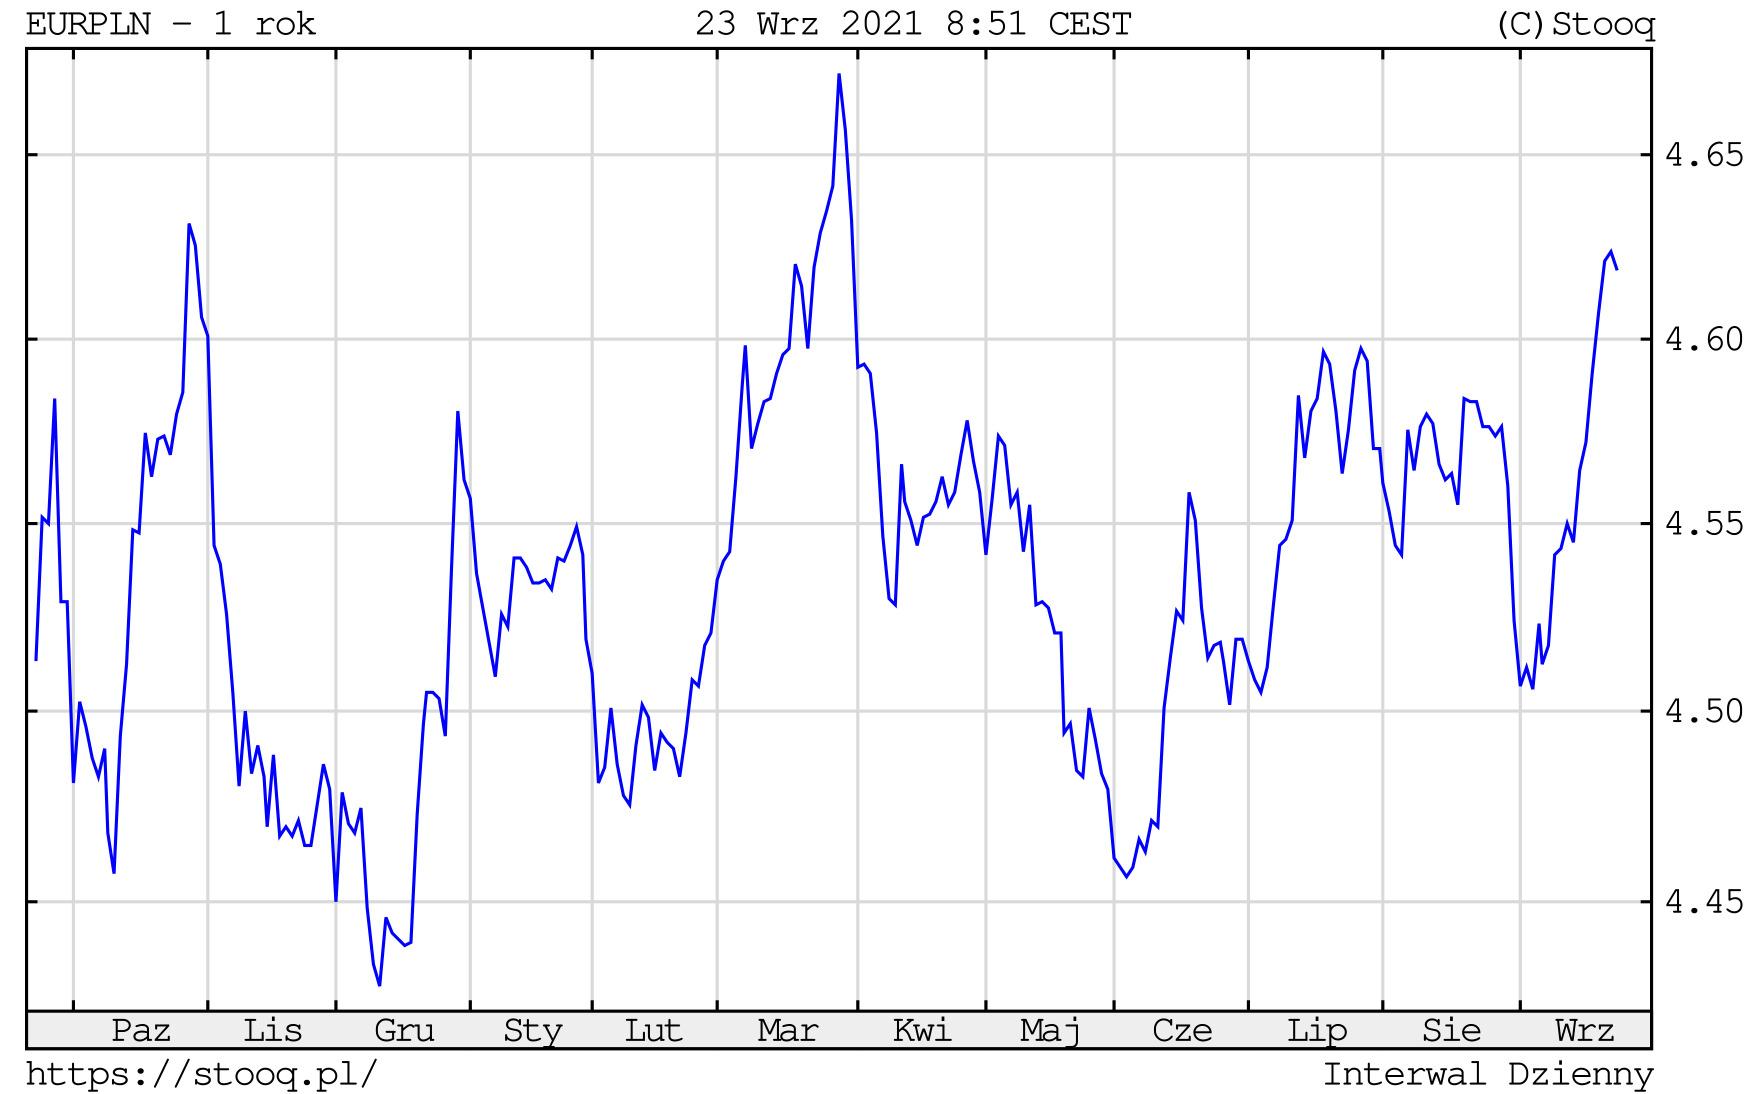 Kurs euro w czwartek, 23 września 2021 roku. Notowania EURPLN na wykresie dziennym